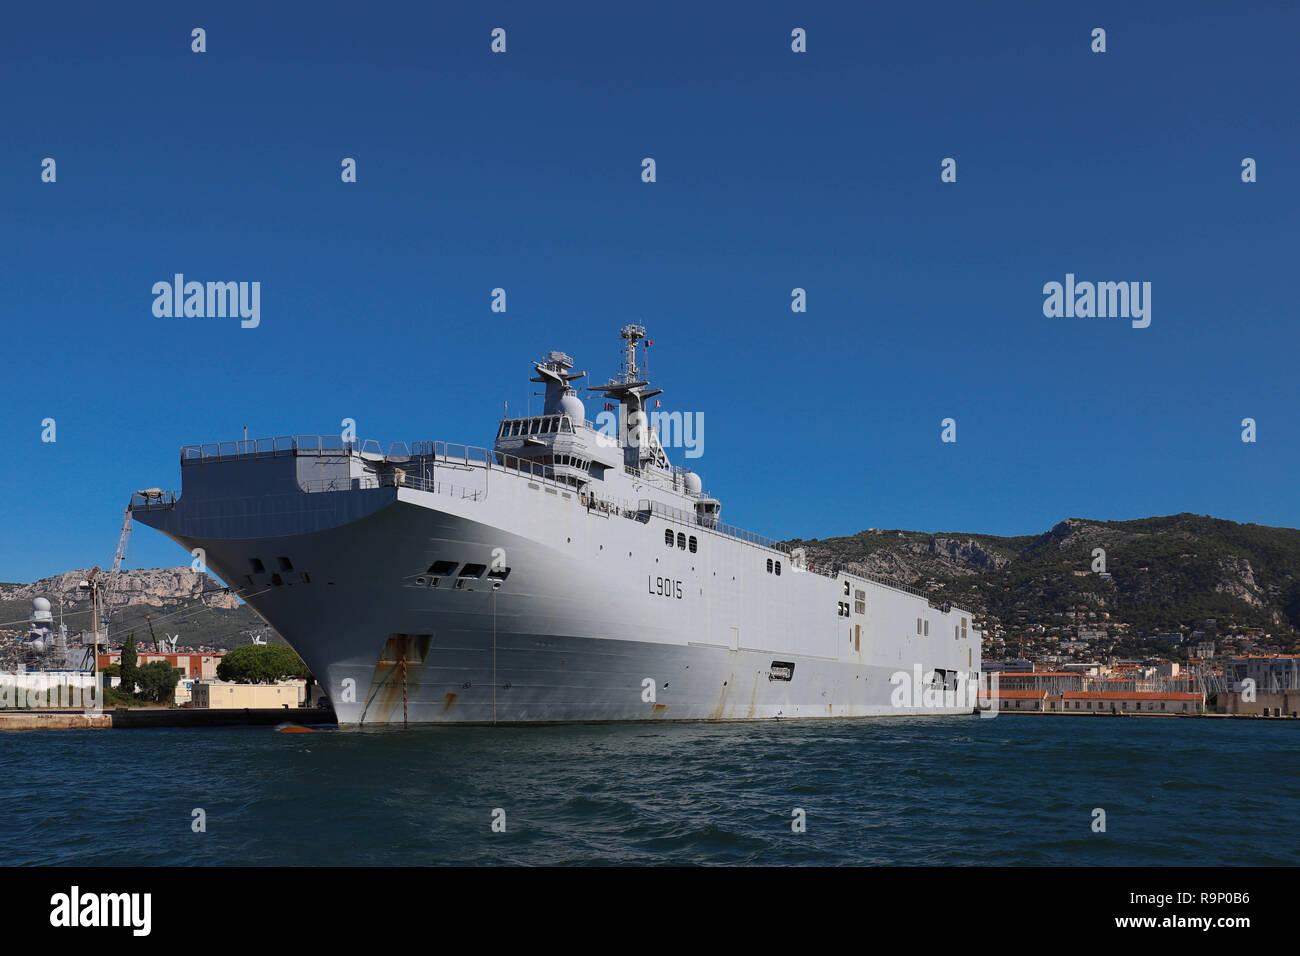 Die amphibische Landung Hubschrauber carrier Dixmude in der Französischen Marine Base am Hafen von Toulon, Frankreich angedockt. Stockbild